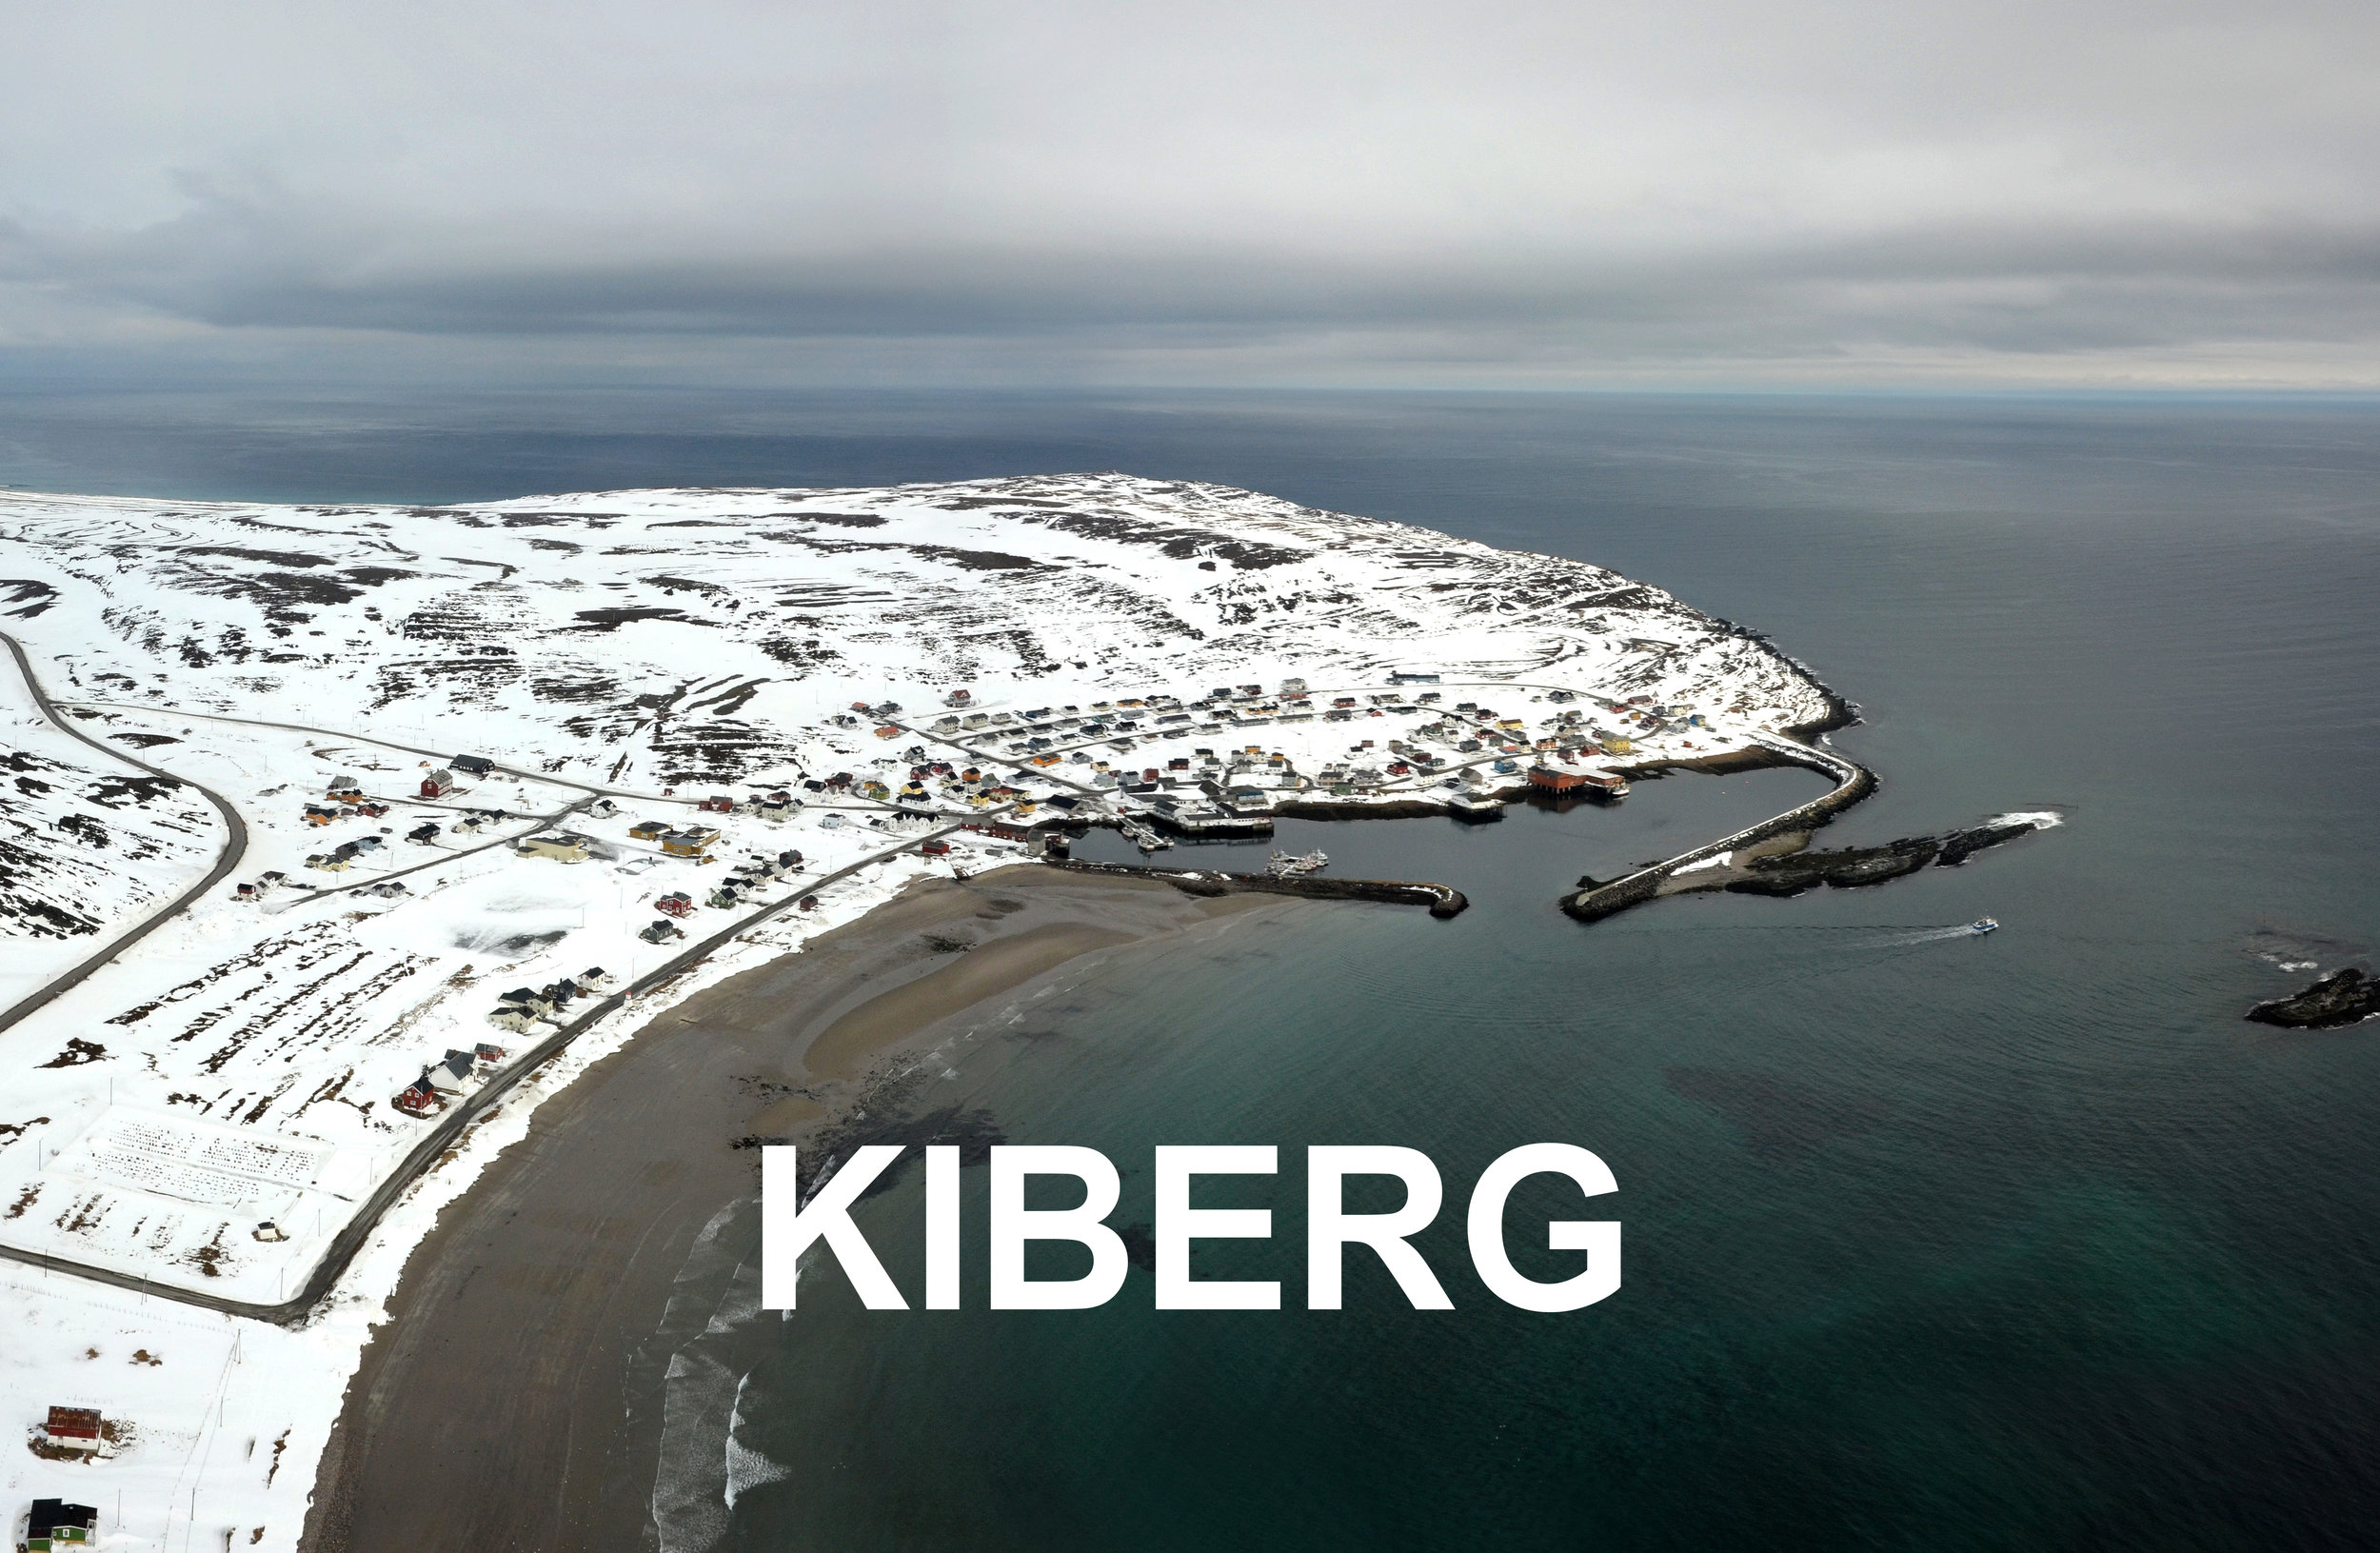 Kiberg_Varanger_Biotope_Copyright